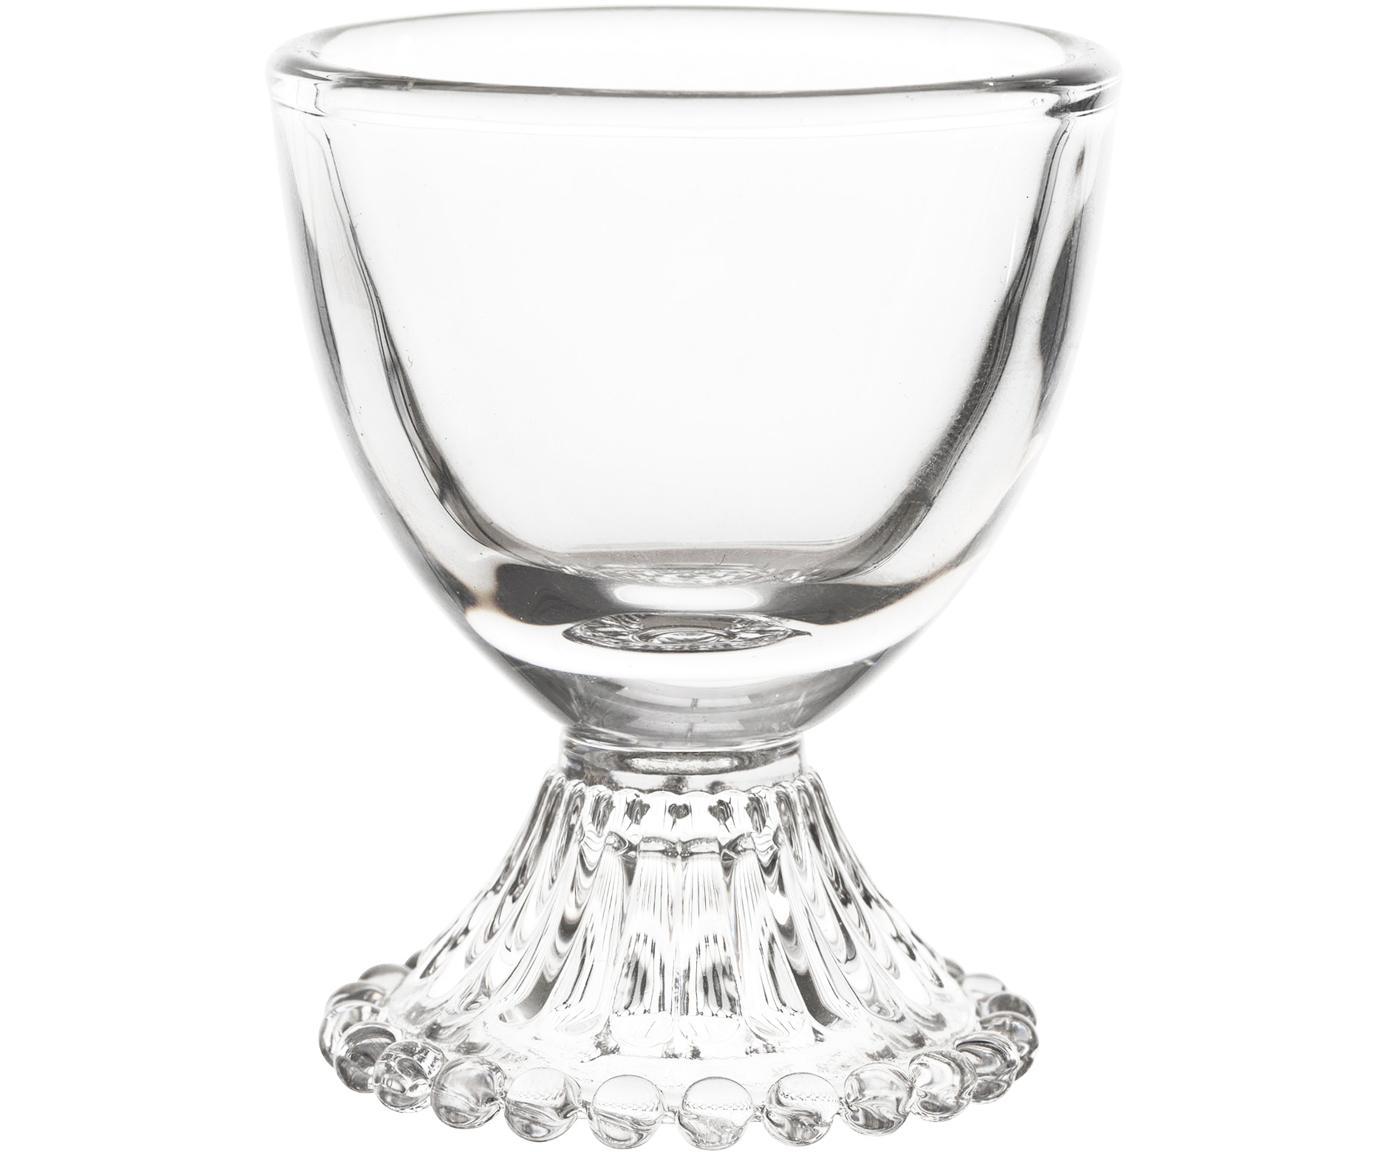 Kieliszek do jajek Perles, 6 szt., Szkło, Transparentny, Ø 6 x W 7 cm